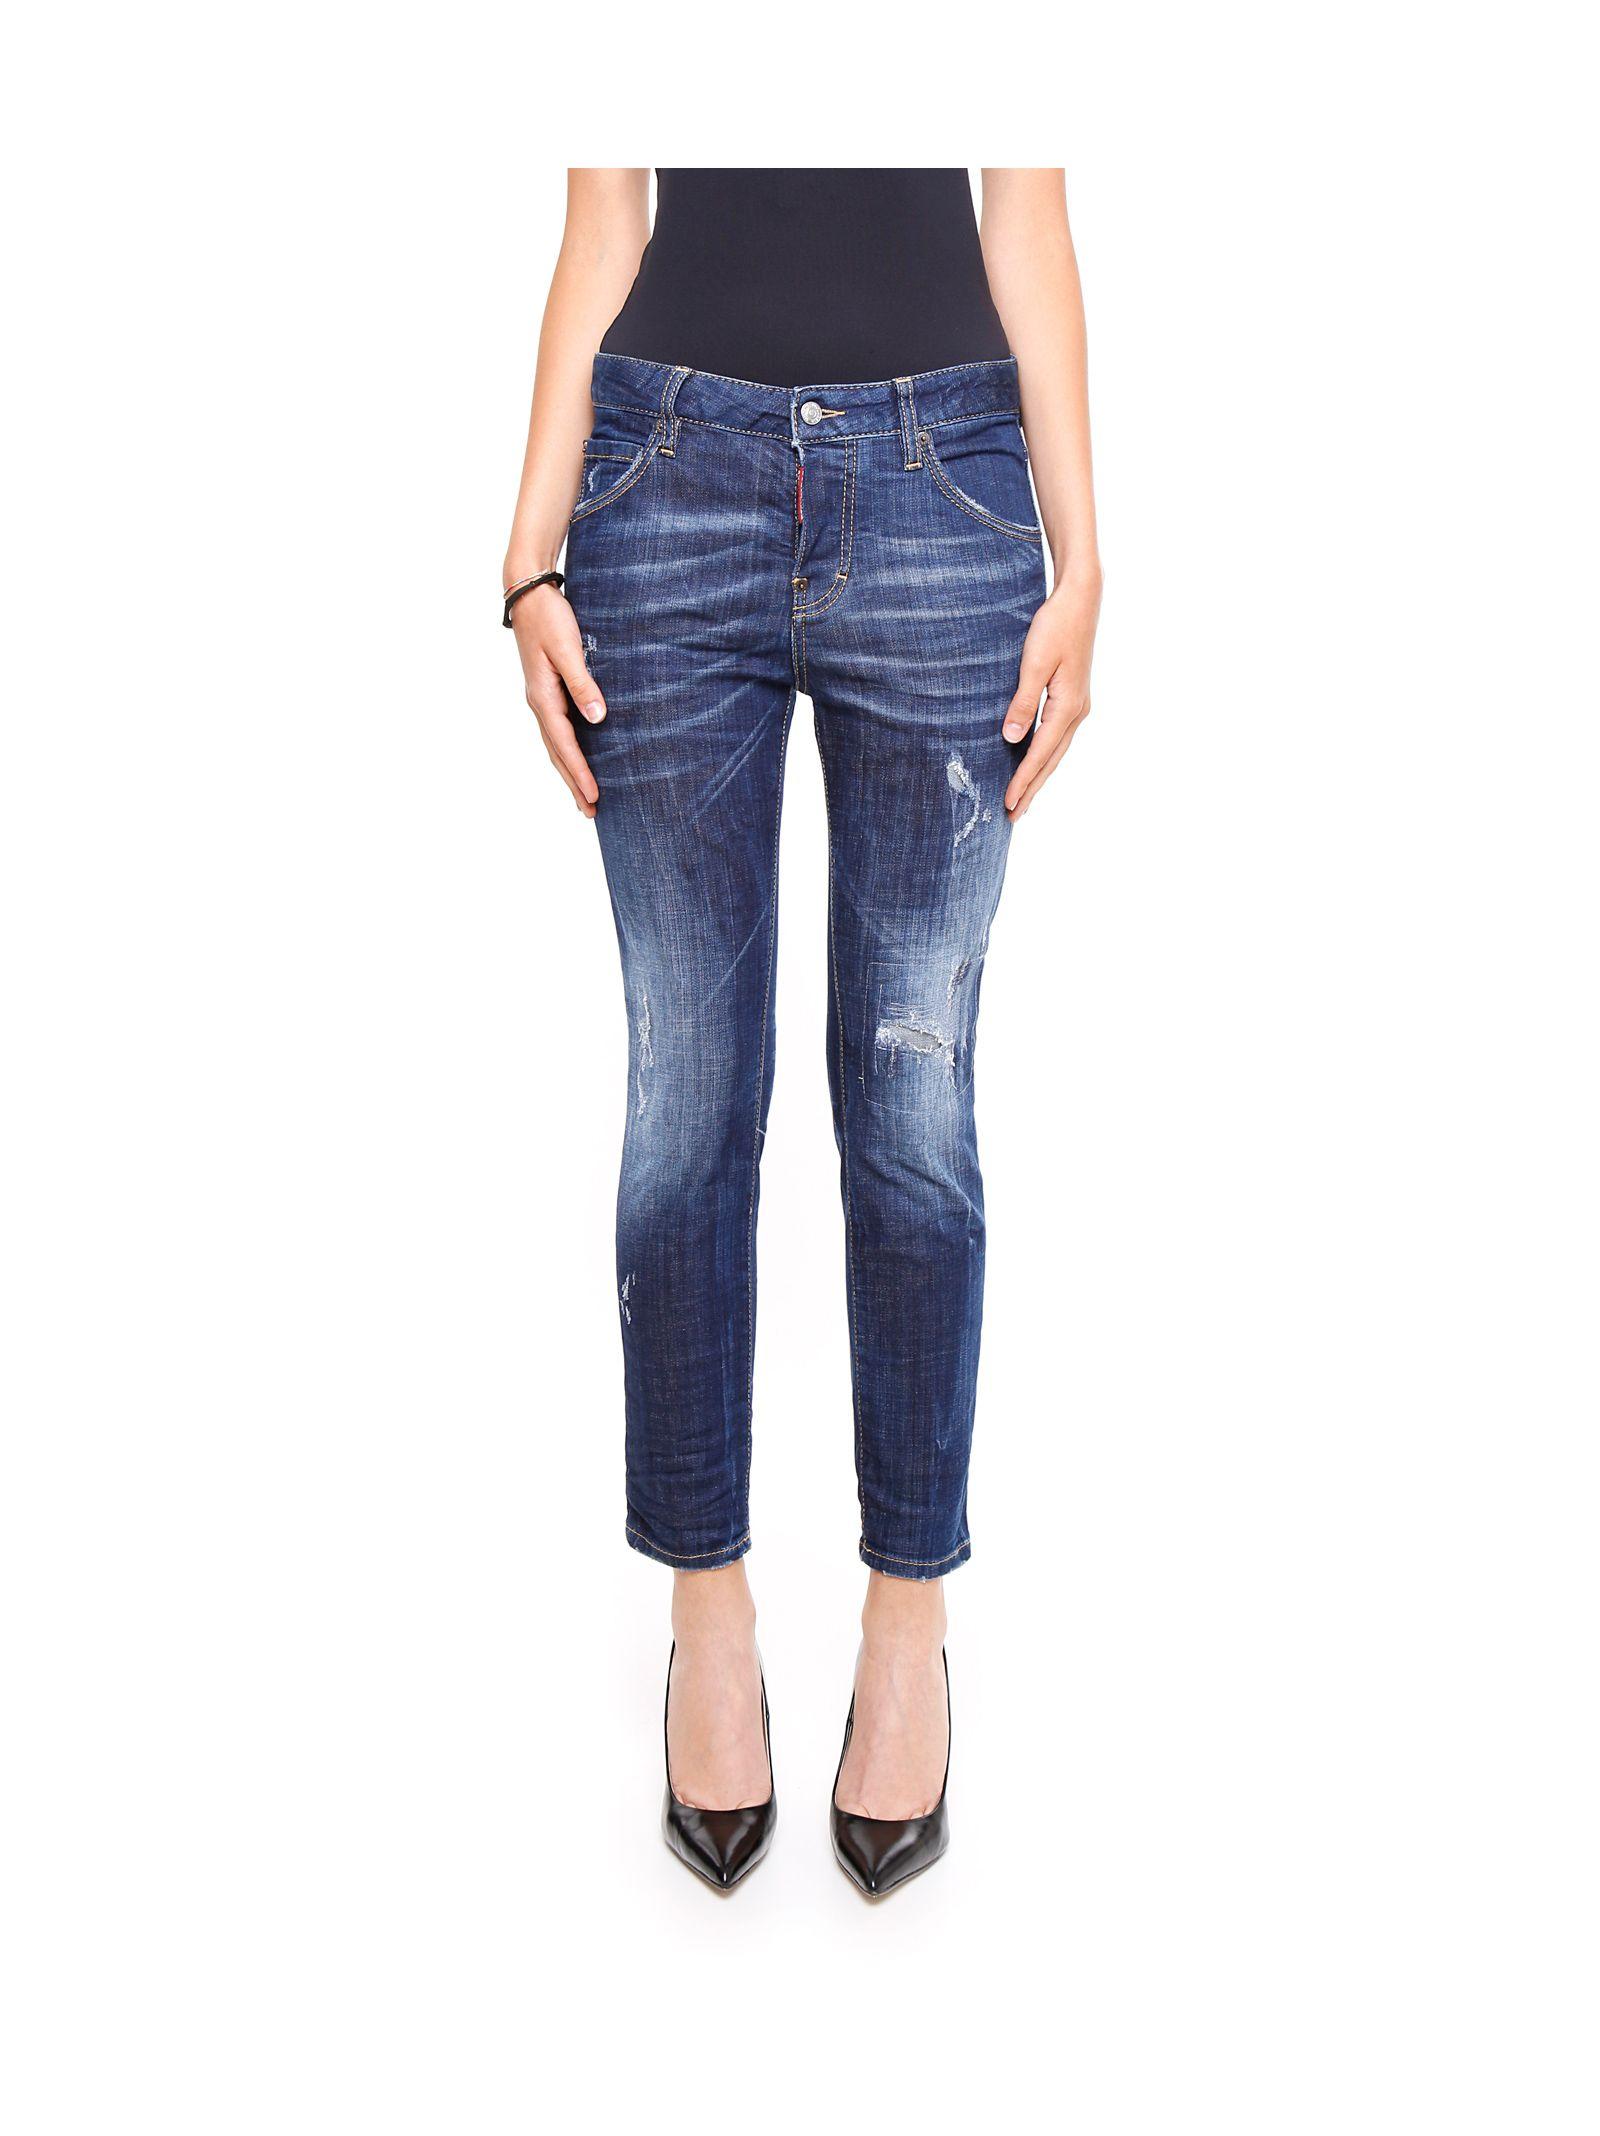 Jeanși de damă DSQUARED2, din bumbac, cu talie înaltă